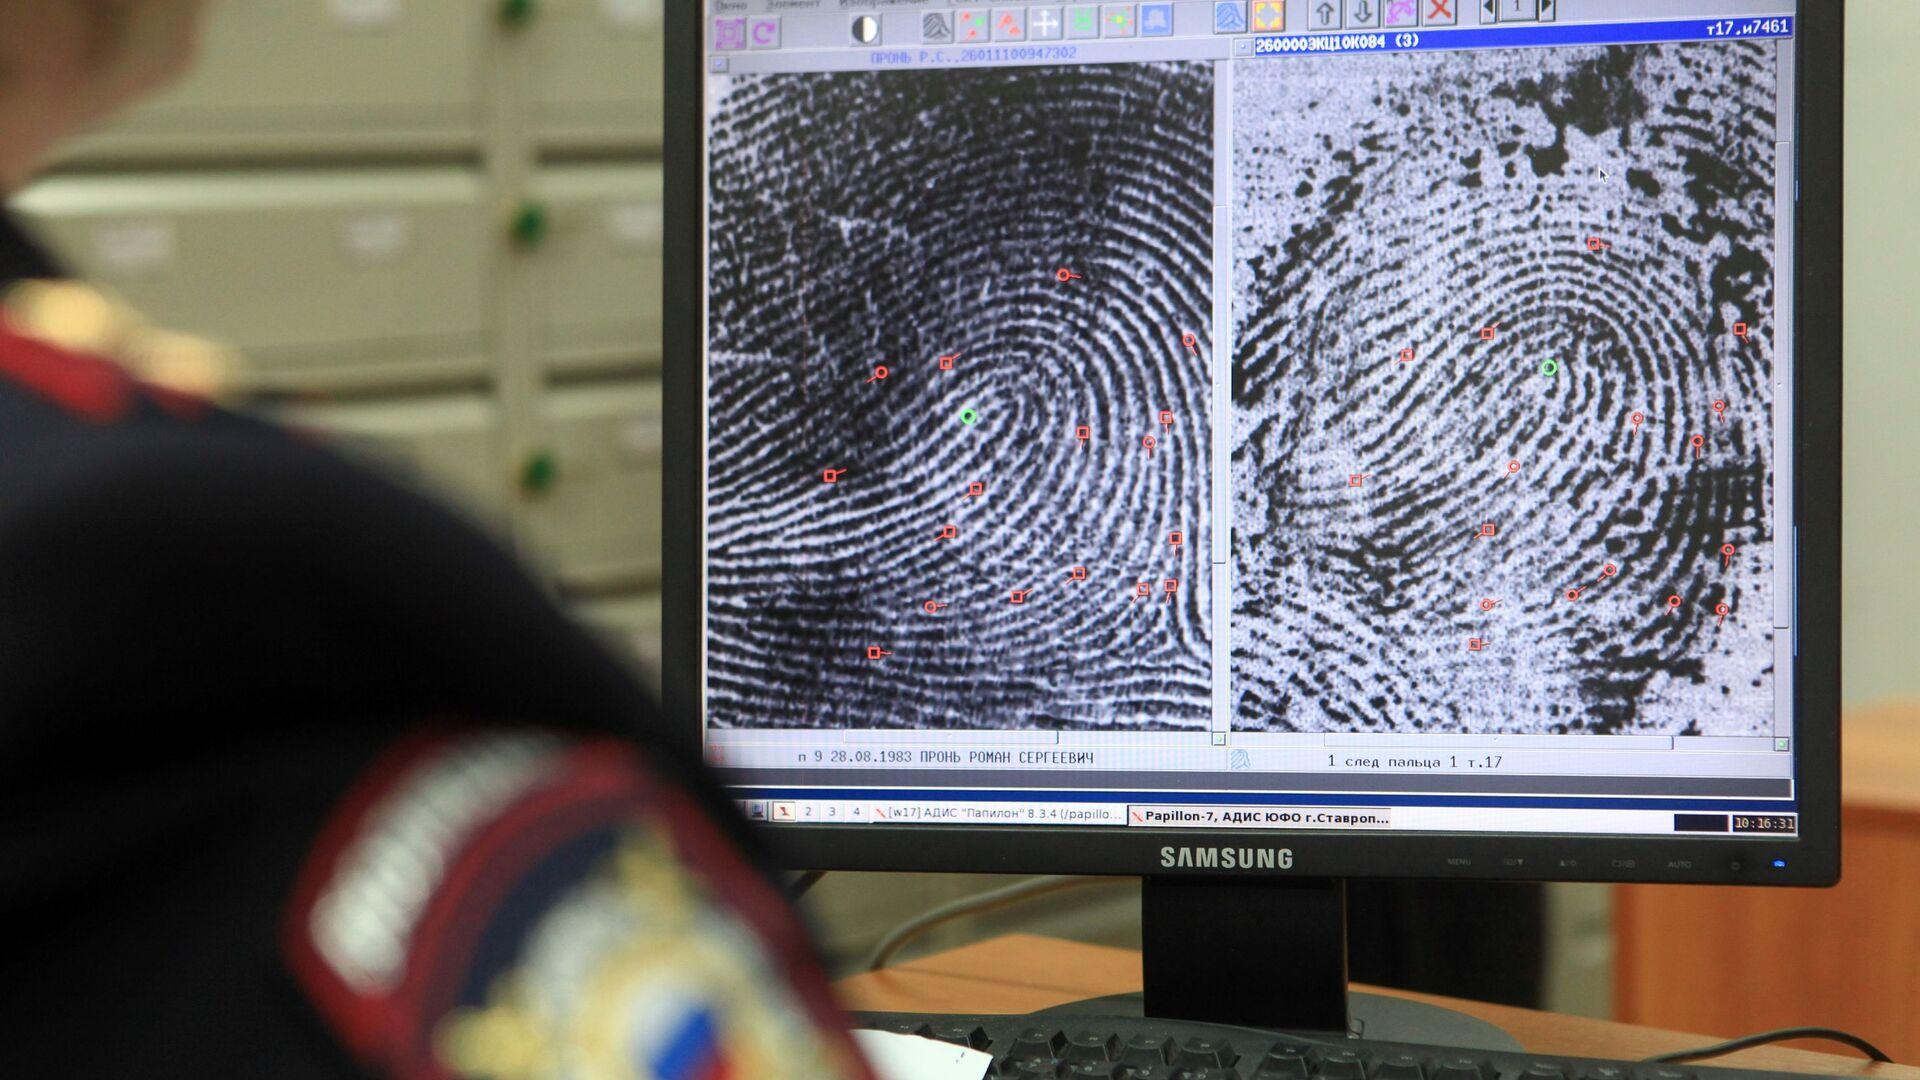 Сотрудник проводит дактилоскопическую экспертизу в экспертно-криминалистическом центре - РИА Новости, 1920, 03.02.2021